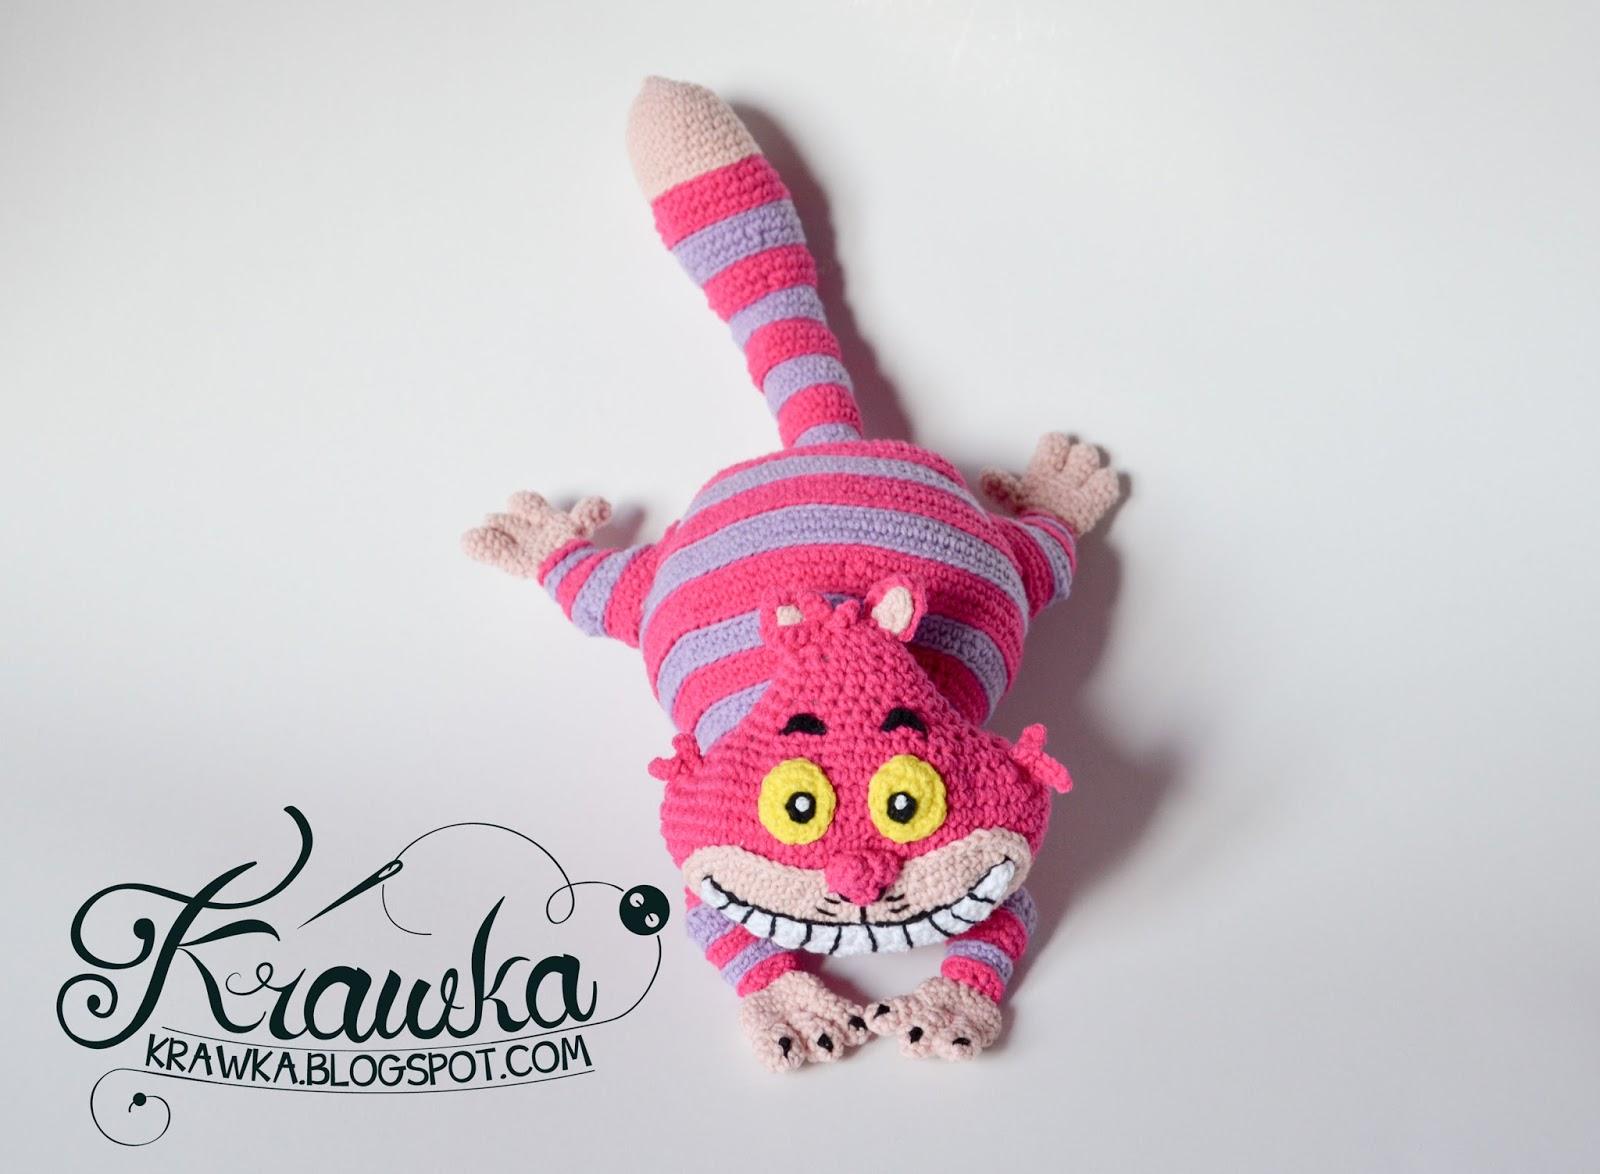 Cheshire Cat Amigurumi Pattern : Krawka: Cheshire cat is here